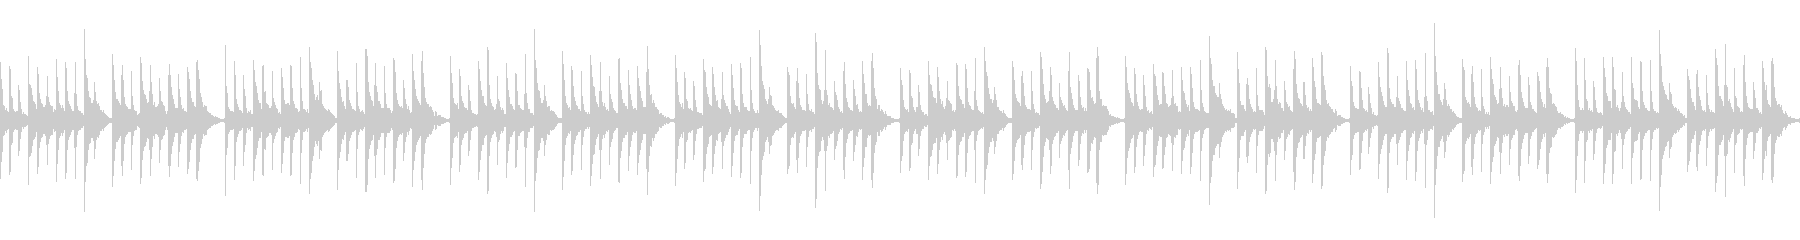 オルゴールとピアノの睡眠導入系BGMの未再生の波形